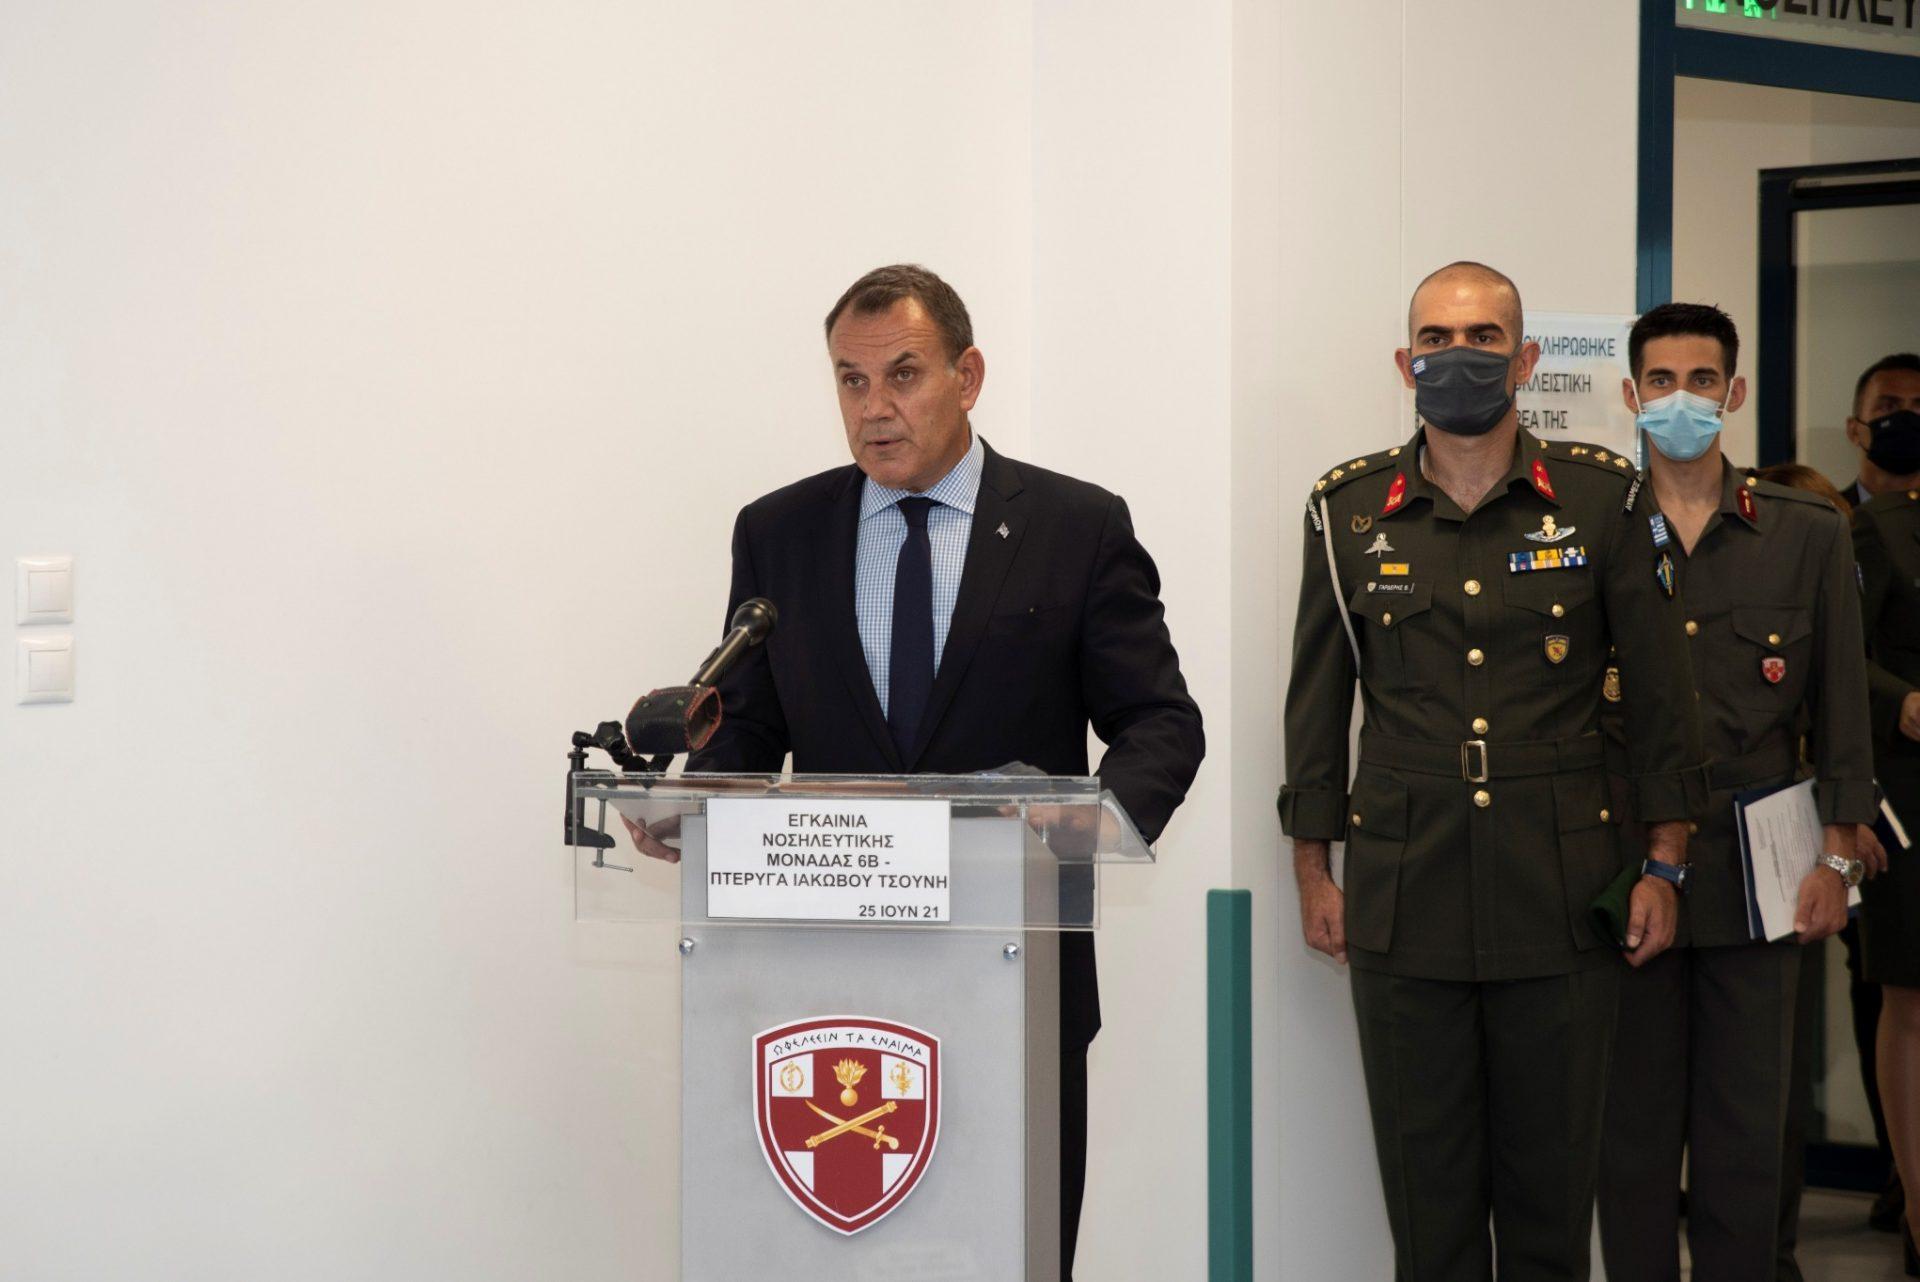 Ο Παναγιωτόπουλος στην τελετή εγκαινίων της Νοσηλευτικής Μονάδος 6Β του 401 ΓΣΝΑ